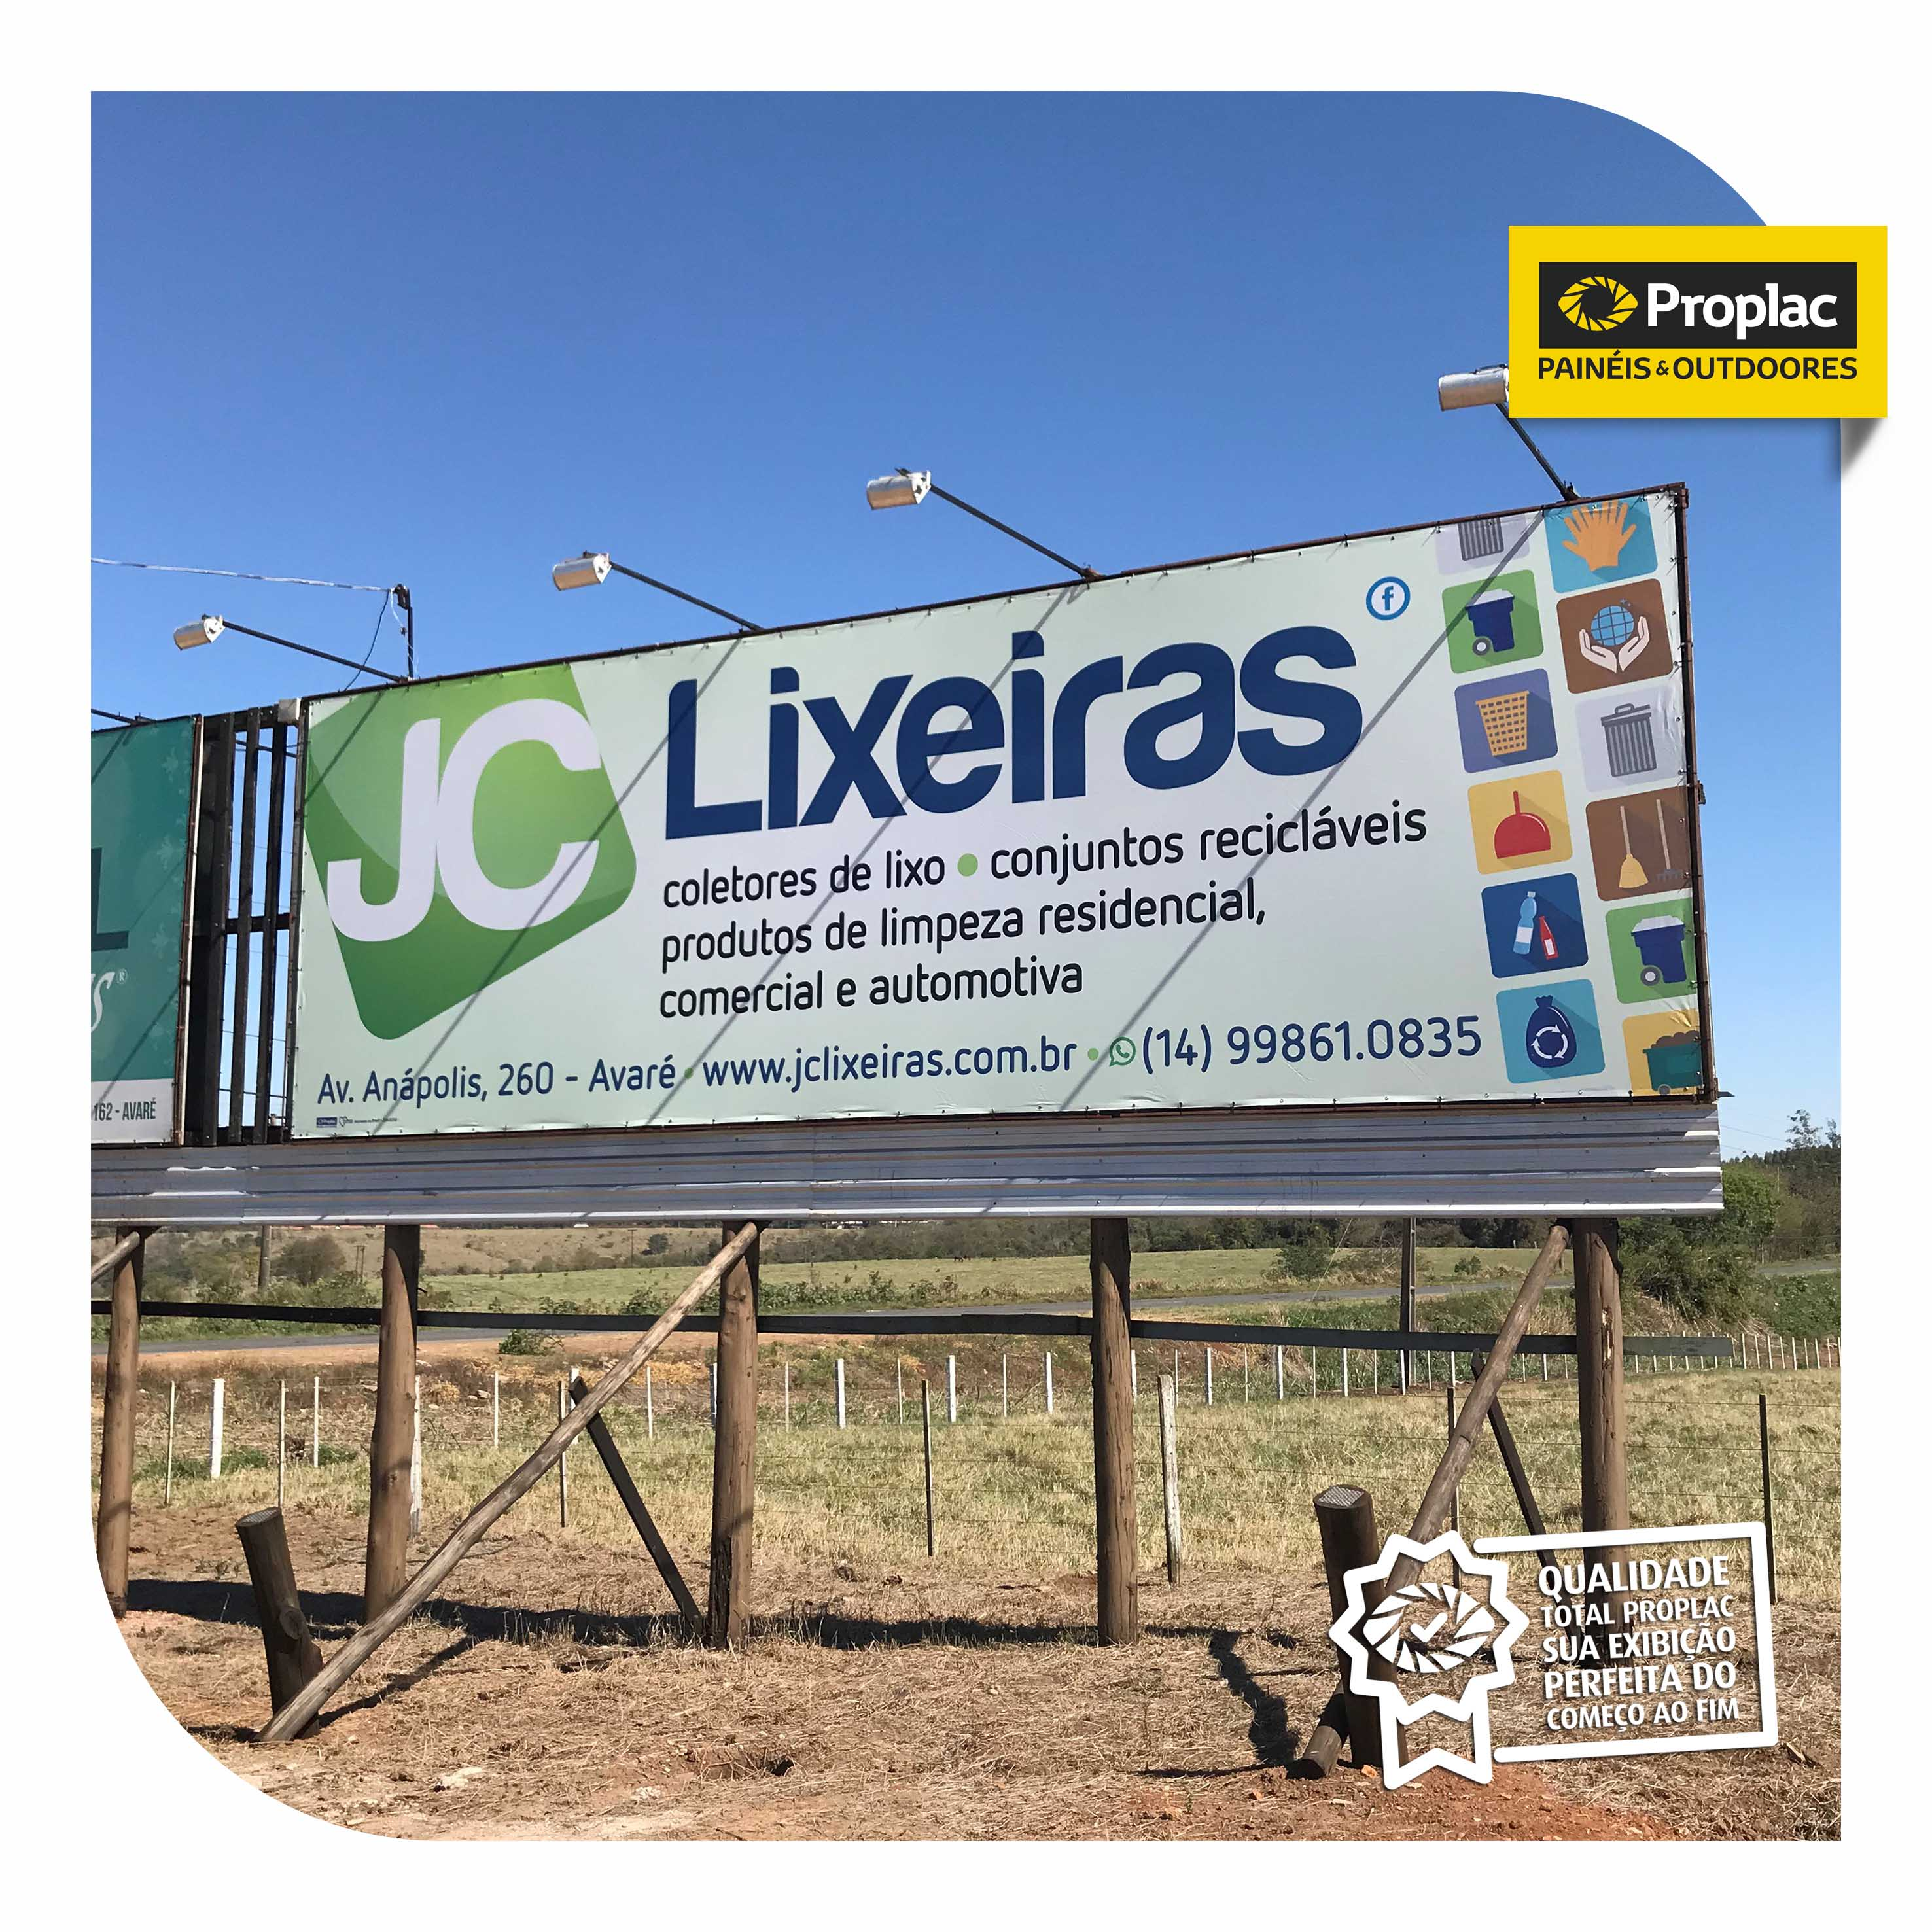 35f314417e6f1 Avaré – SP – Brasil Tel (14) 99861.0835 www.jclixeiras.com.br